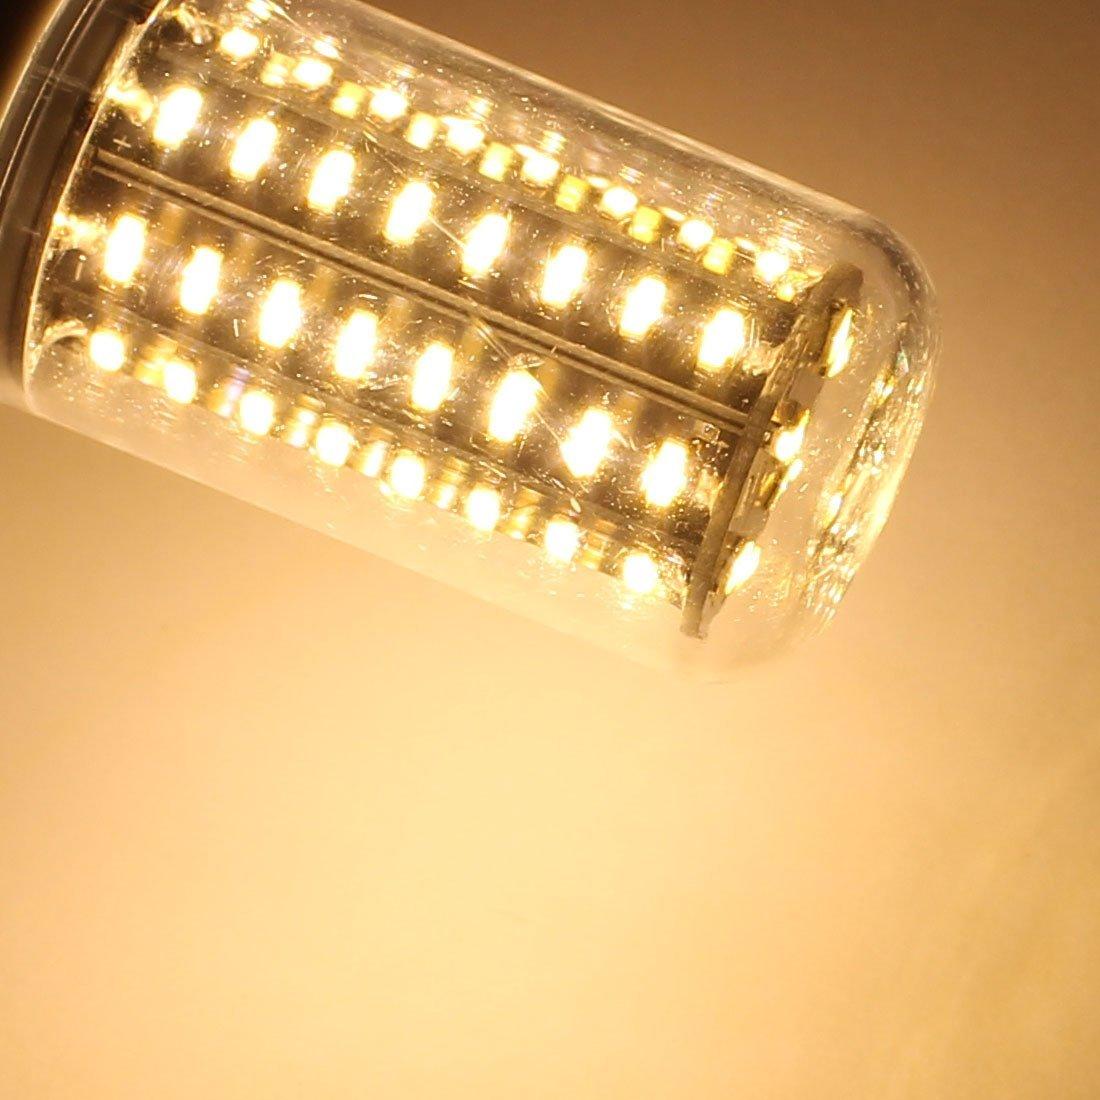 eDealMax CA 110V New Super brillante E14 8W 72 LED 4014 SMD ahorro de energía lámpara del maíz del bulbo blanco caliente - - Amazon.com